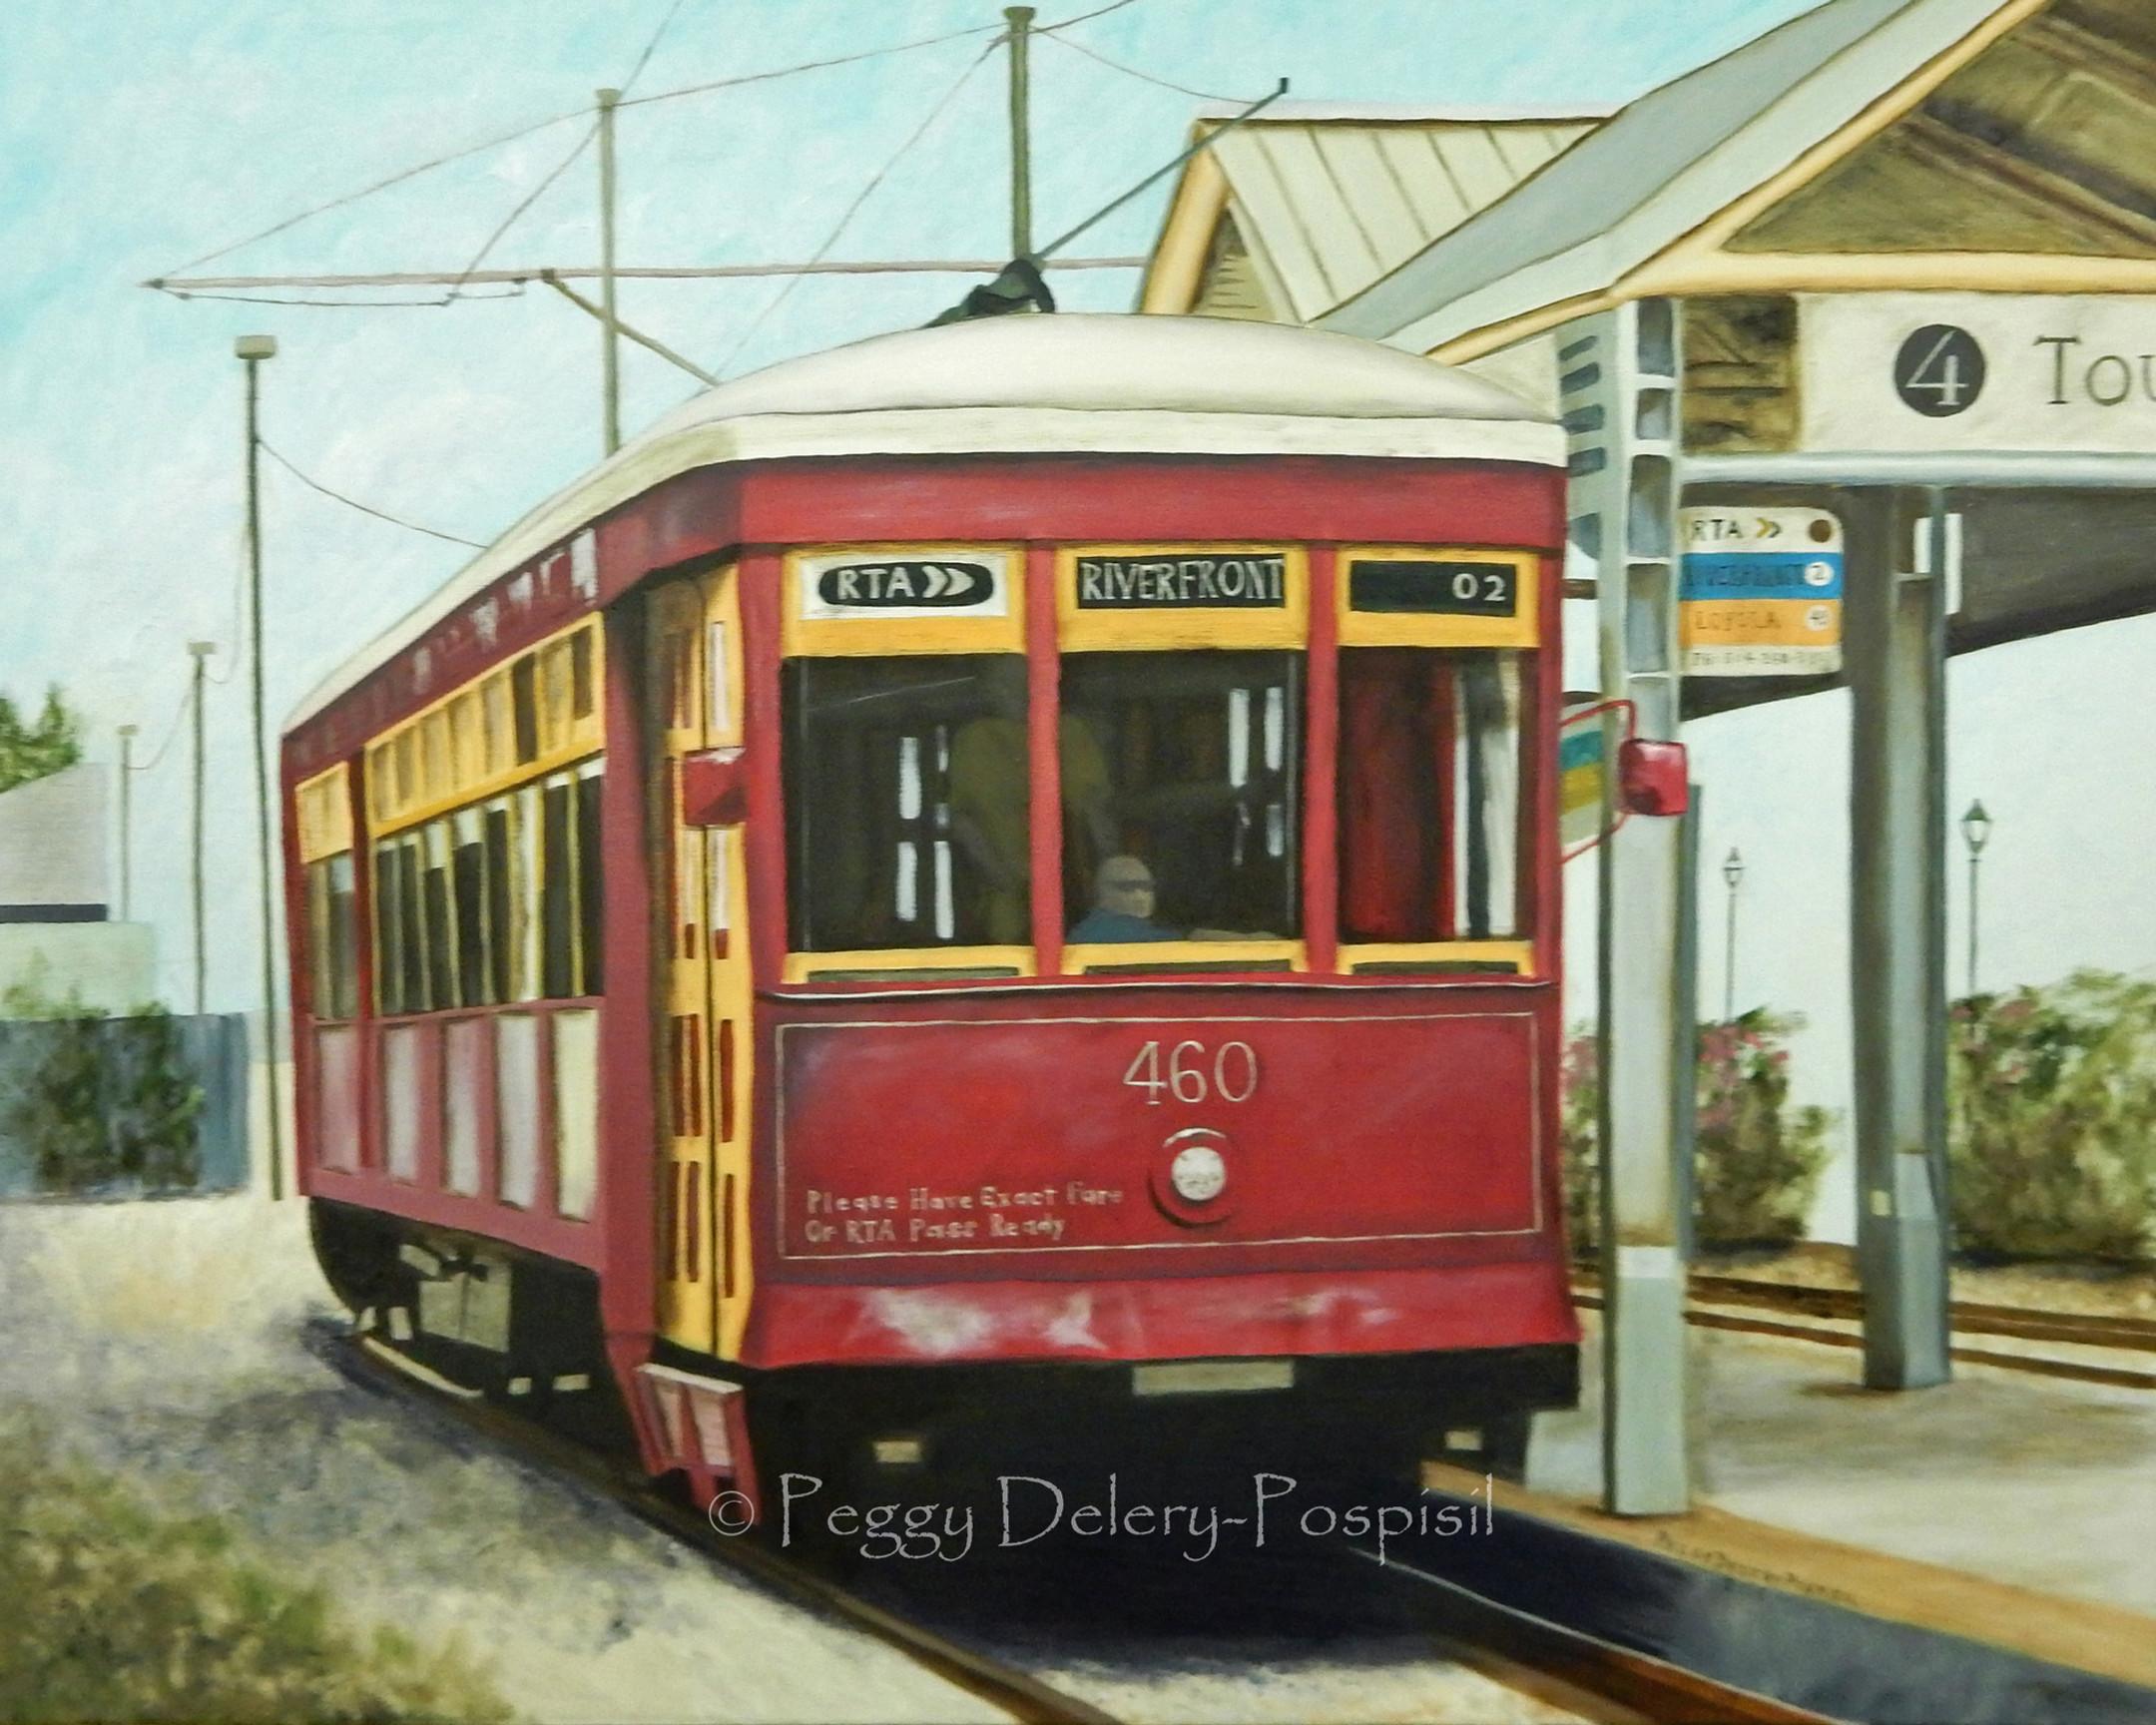 Tuesday Art w/ Peggy (6:30-8:30 p.m.)